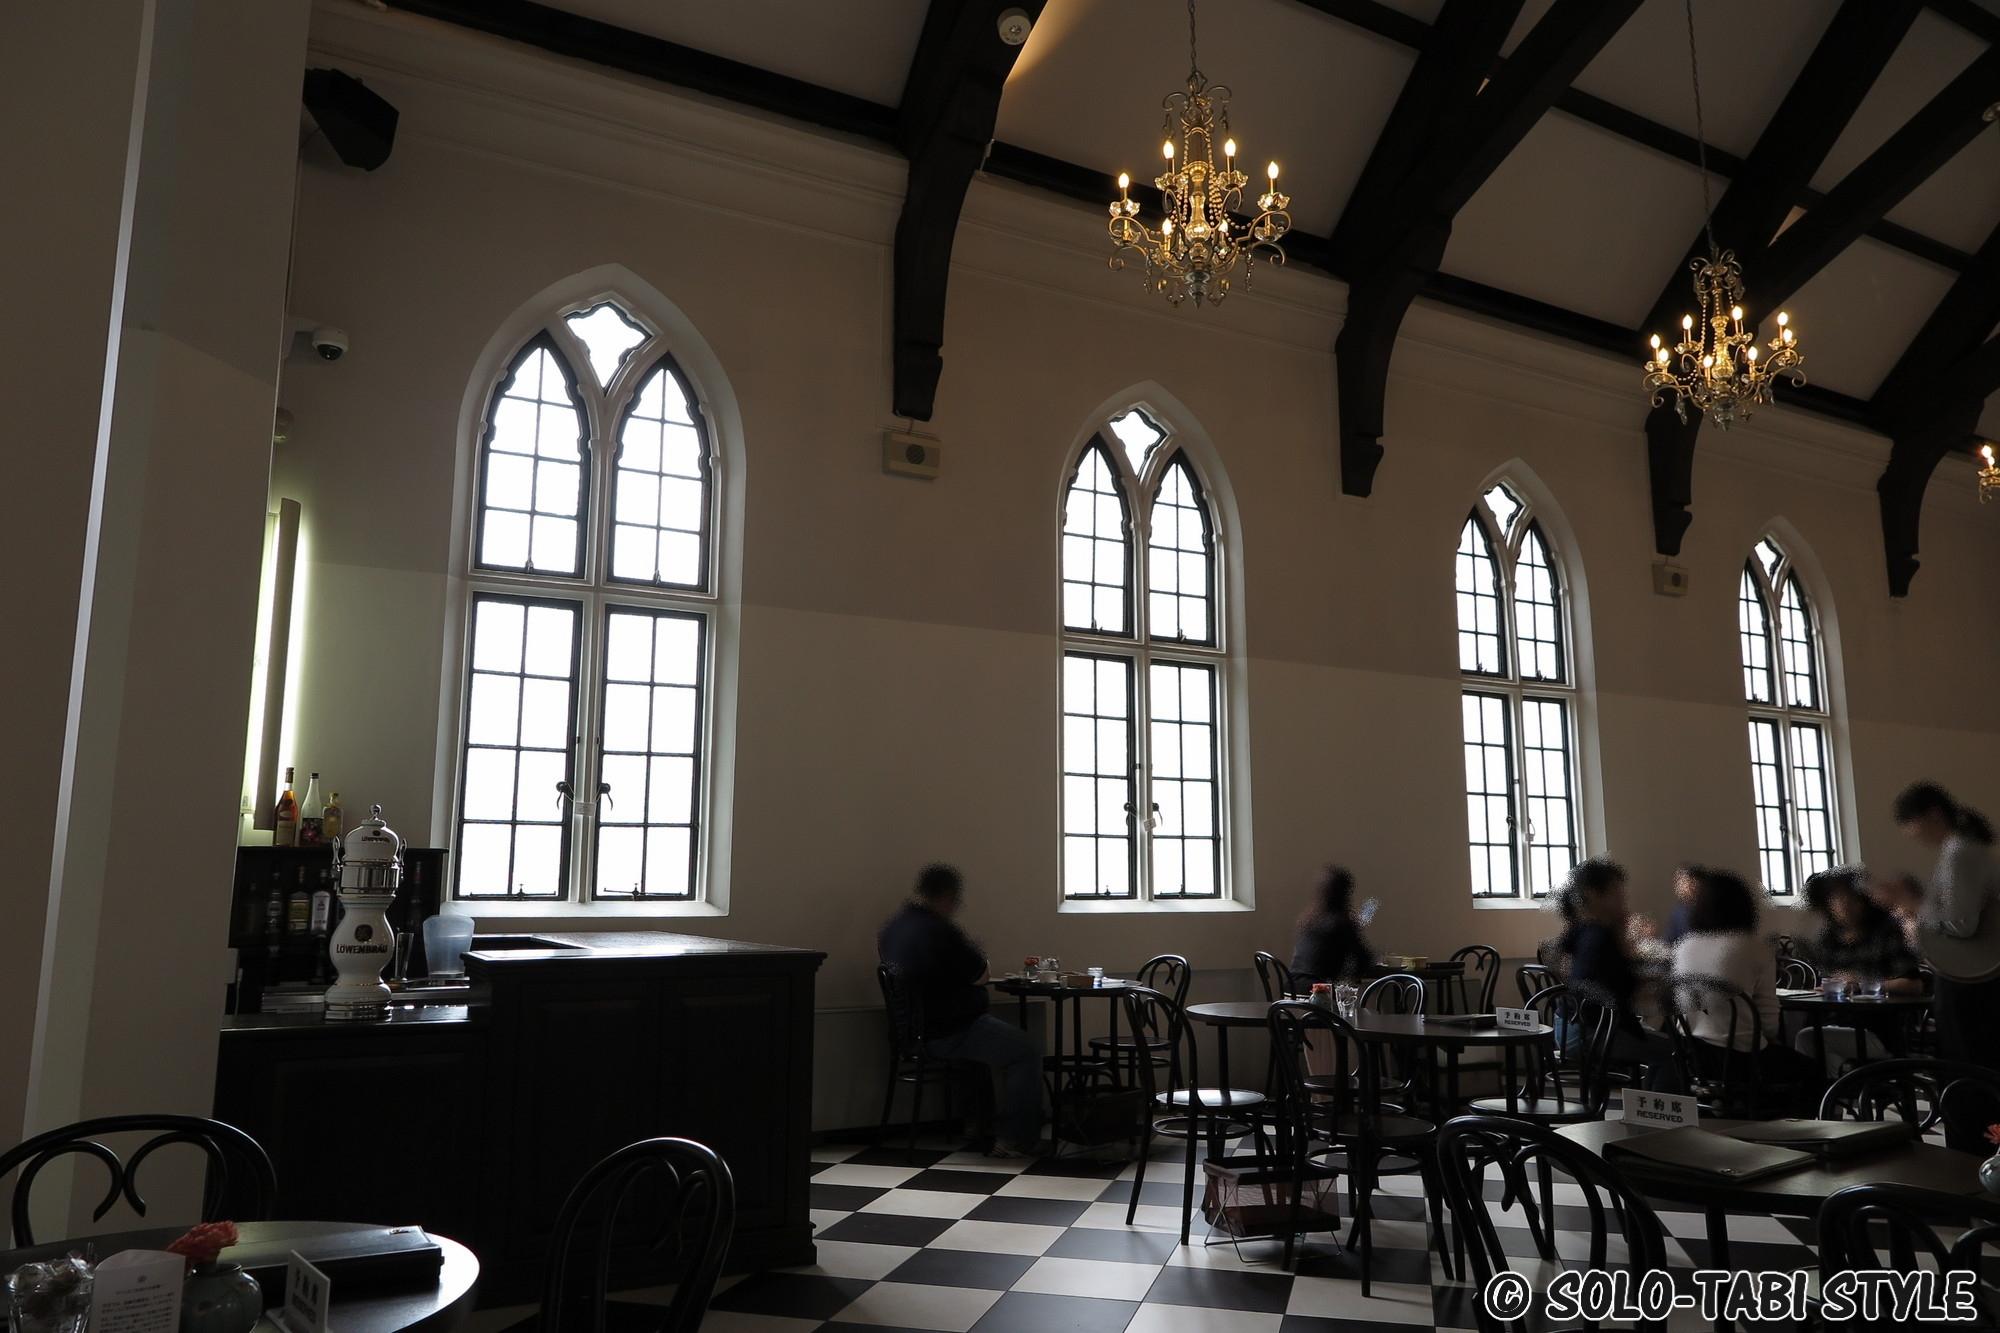 【神戸フォトジェニック】教会好きにもたまらないカフェ・フロインドリーブ本店 焼き菓子もお土産にGOOD♪【口コミ】